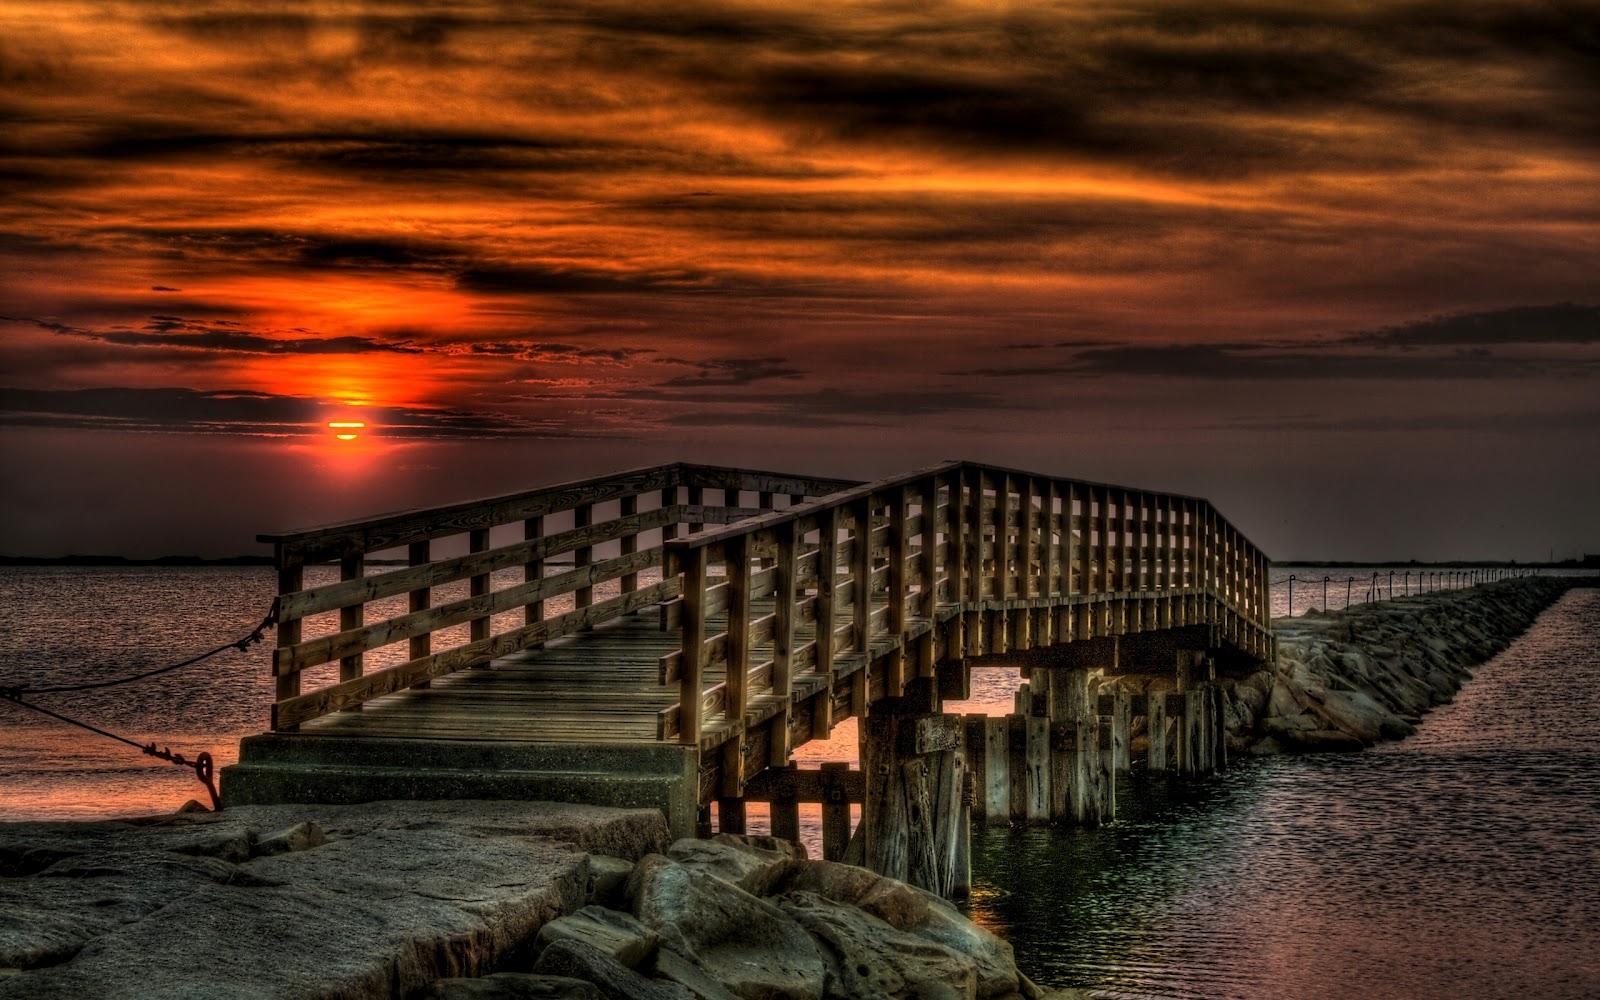 Sunset Bridge FullHD Nature Background Wallpaper for Laptop Widescreen 1600x1000